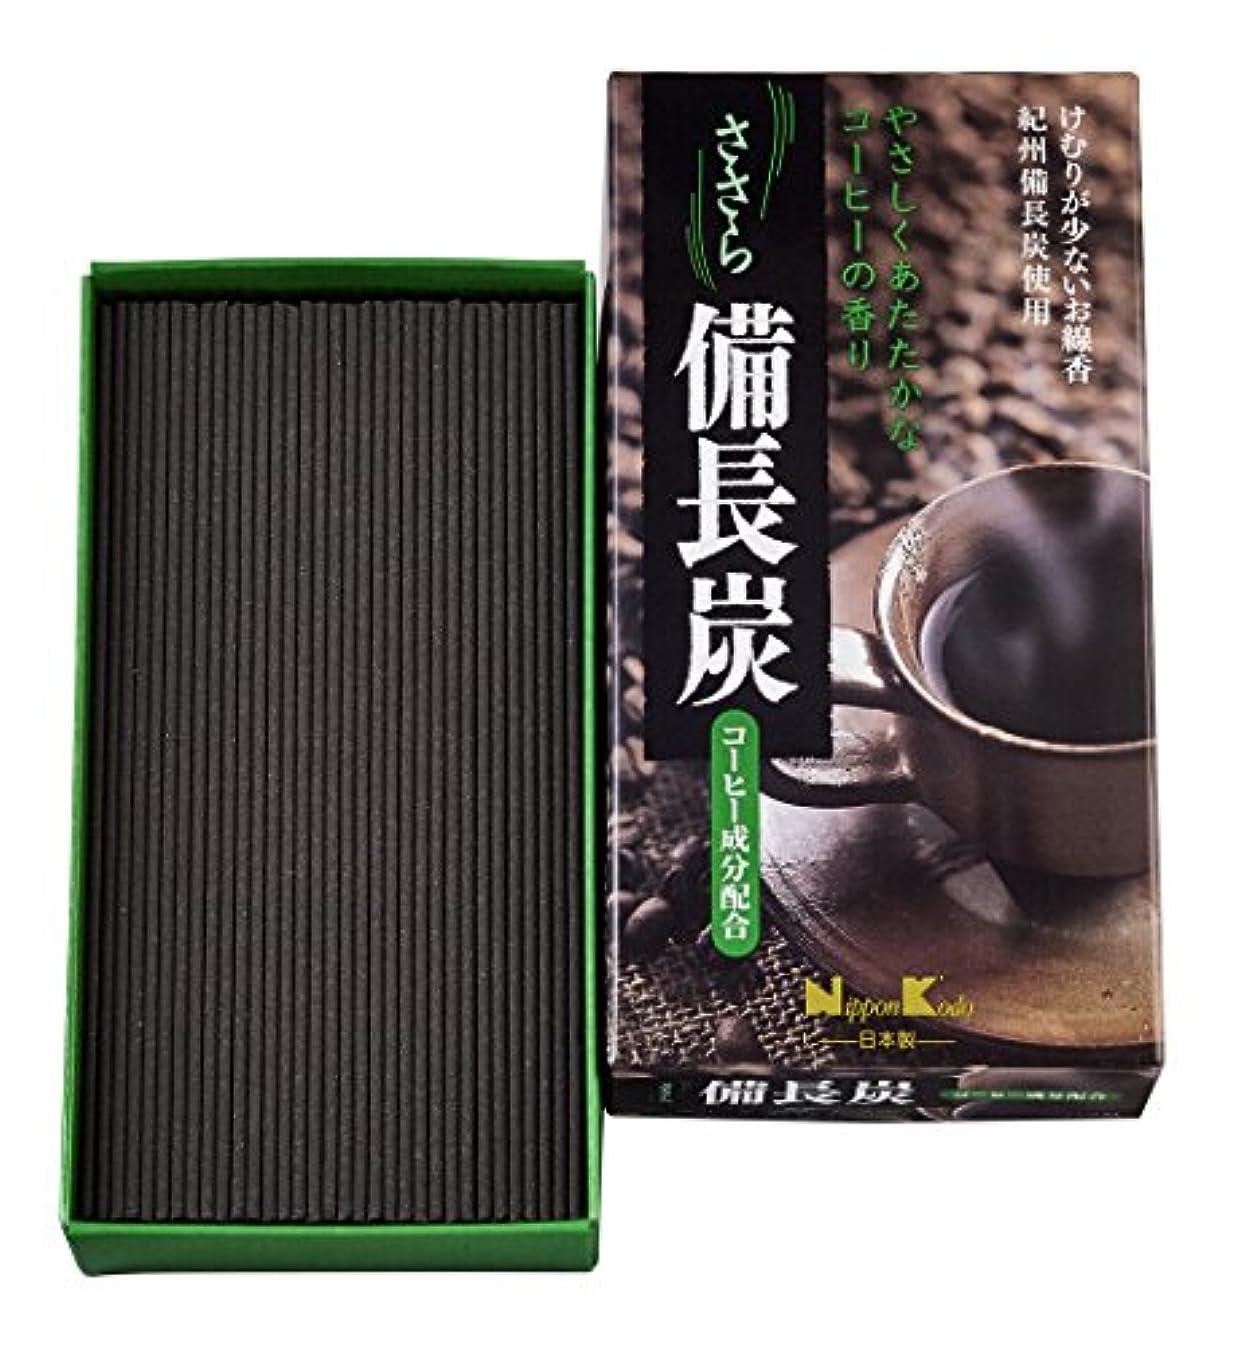 ささら 備長炭 コーヒー バラ詰